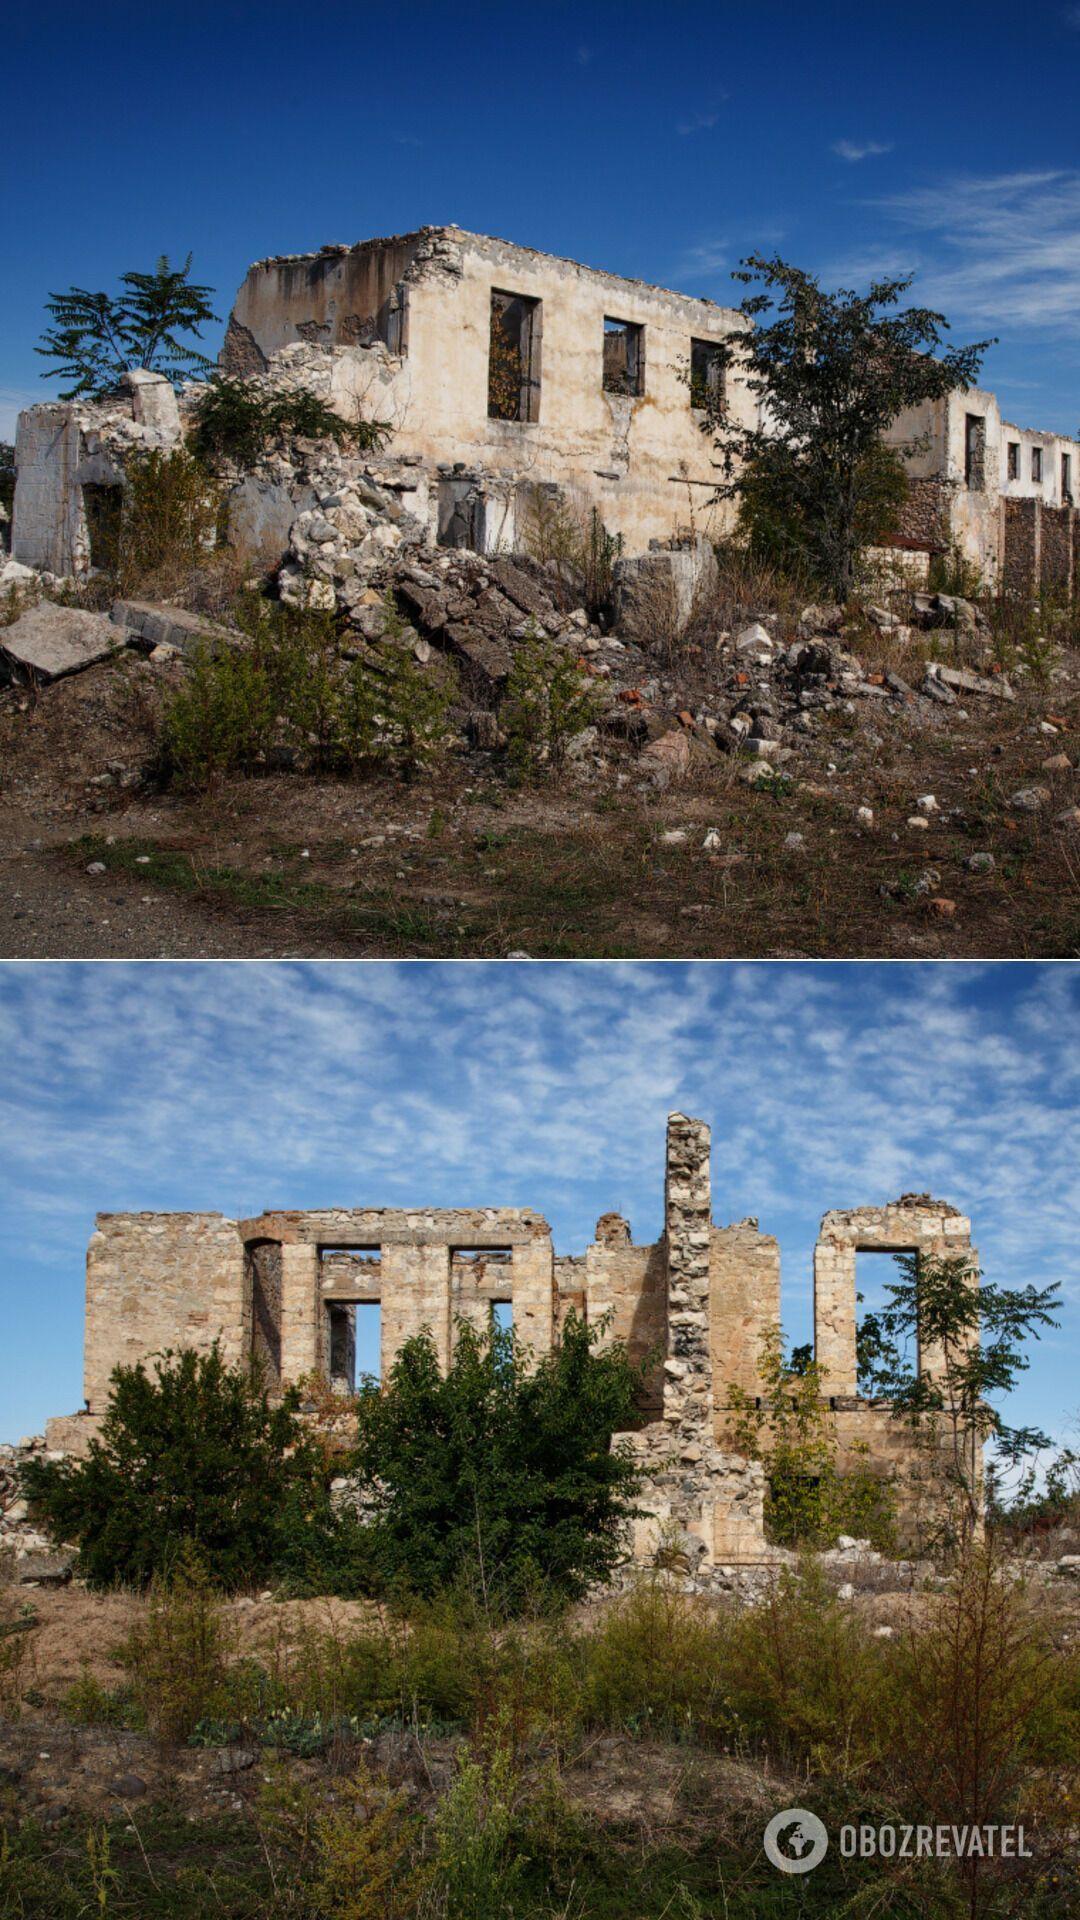 """У перекладі з азербайджанської Агдам – """"Білий дах"""", але вірмени використовували іншу назву – Акна, що, за їхньою версією, означає просто віддалений квартал Аскерану, найближчого райцентру"""